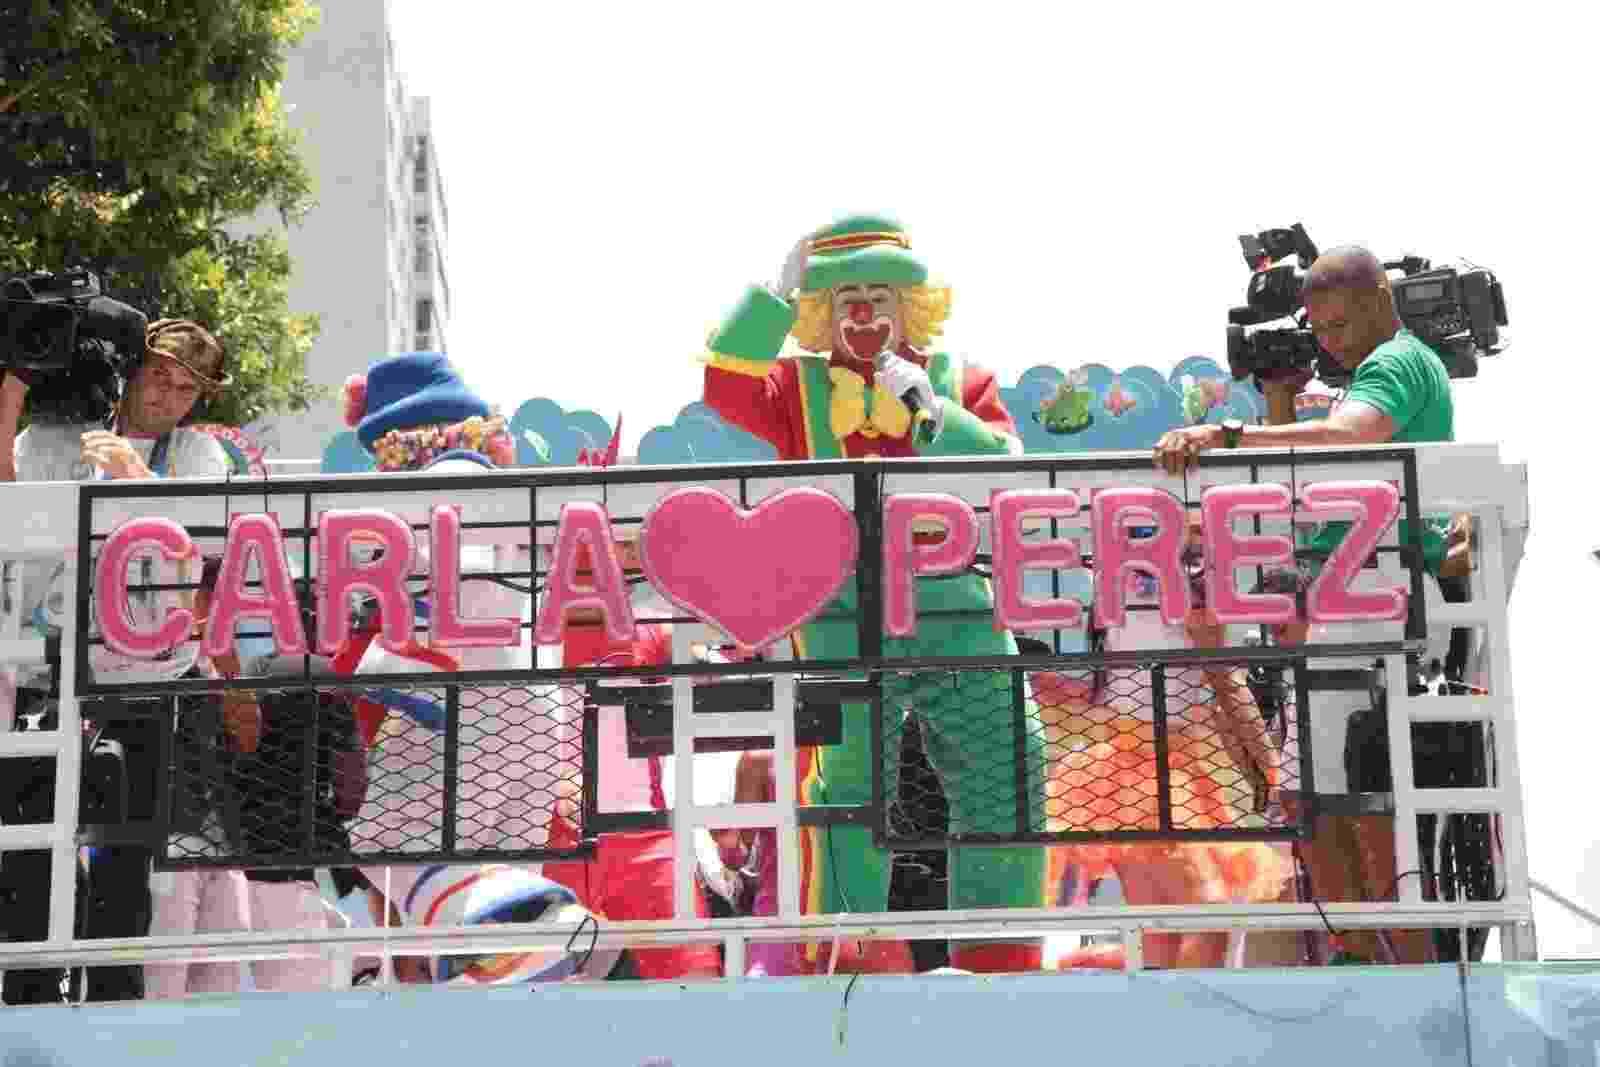 Os palhaços Patati e Patatá se apresentaram em cima do trio elétrico de Carla Perez, no circuito Campo Grande, em Salvador - JC Pereira e Webert Belicio/AgNews